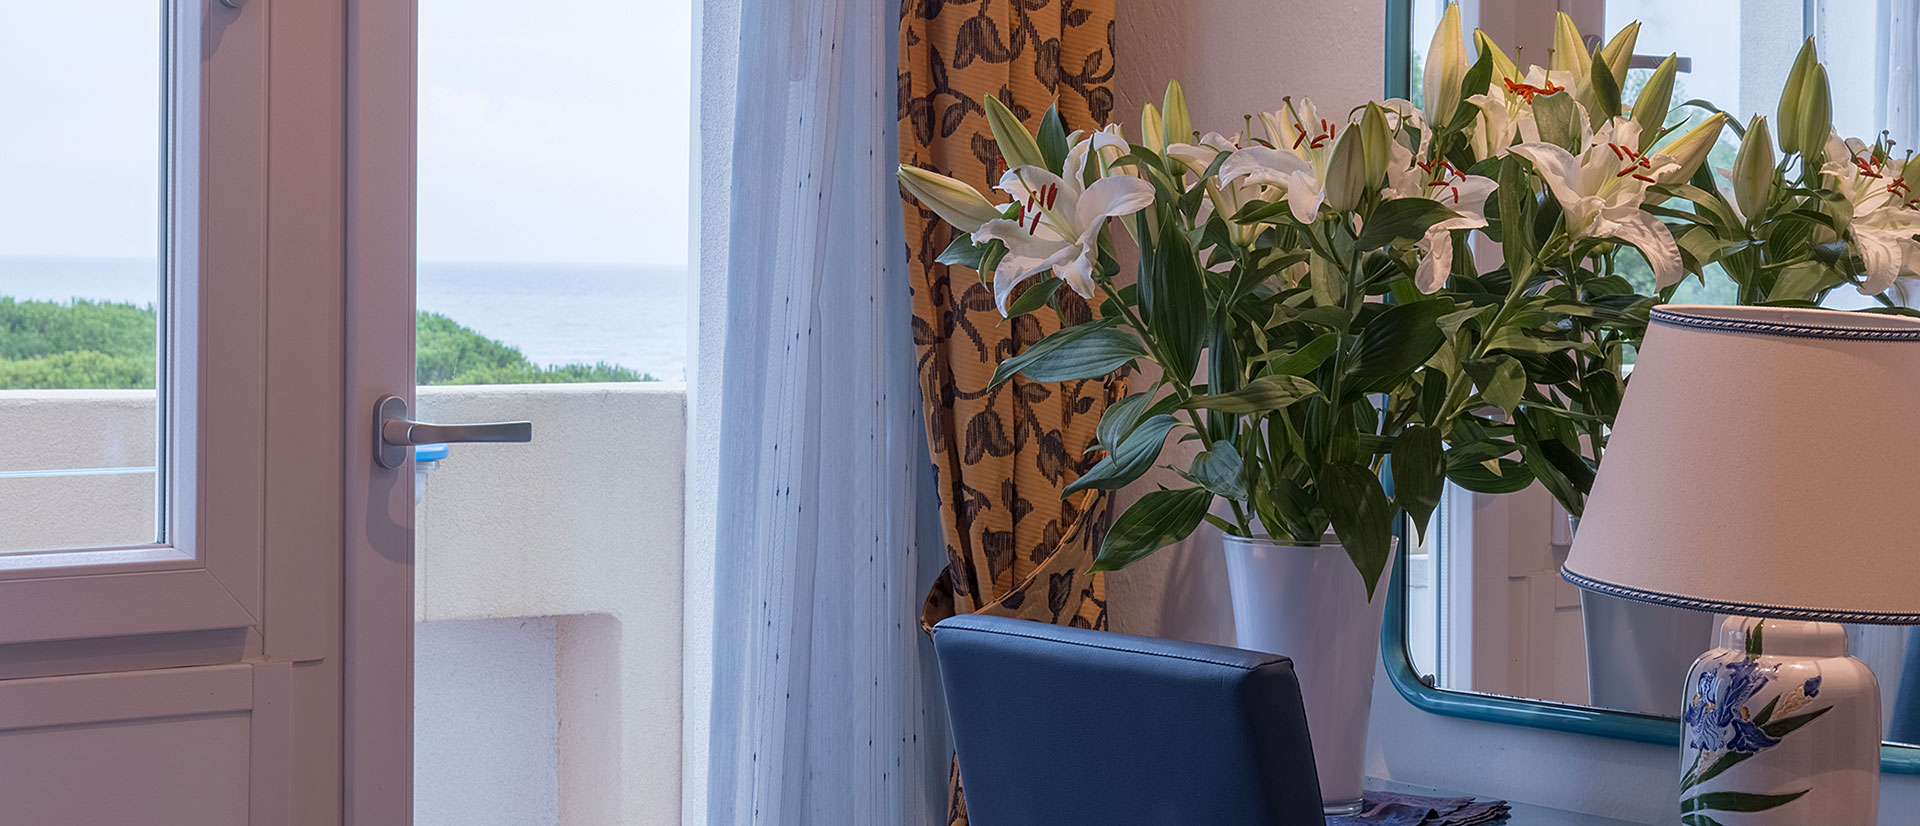 jesolo-hotel-camere-fronte-mare3